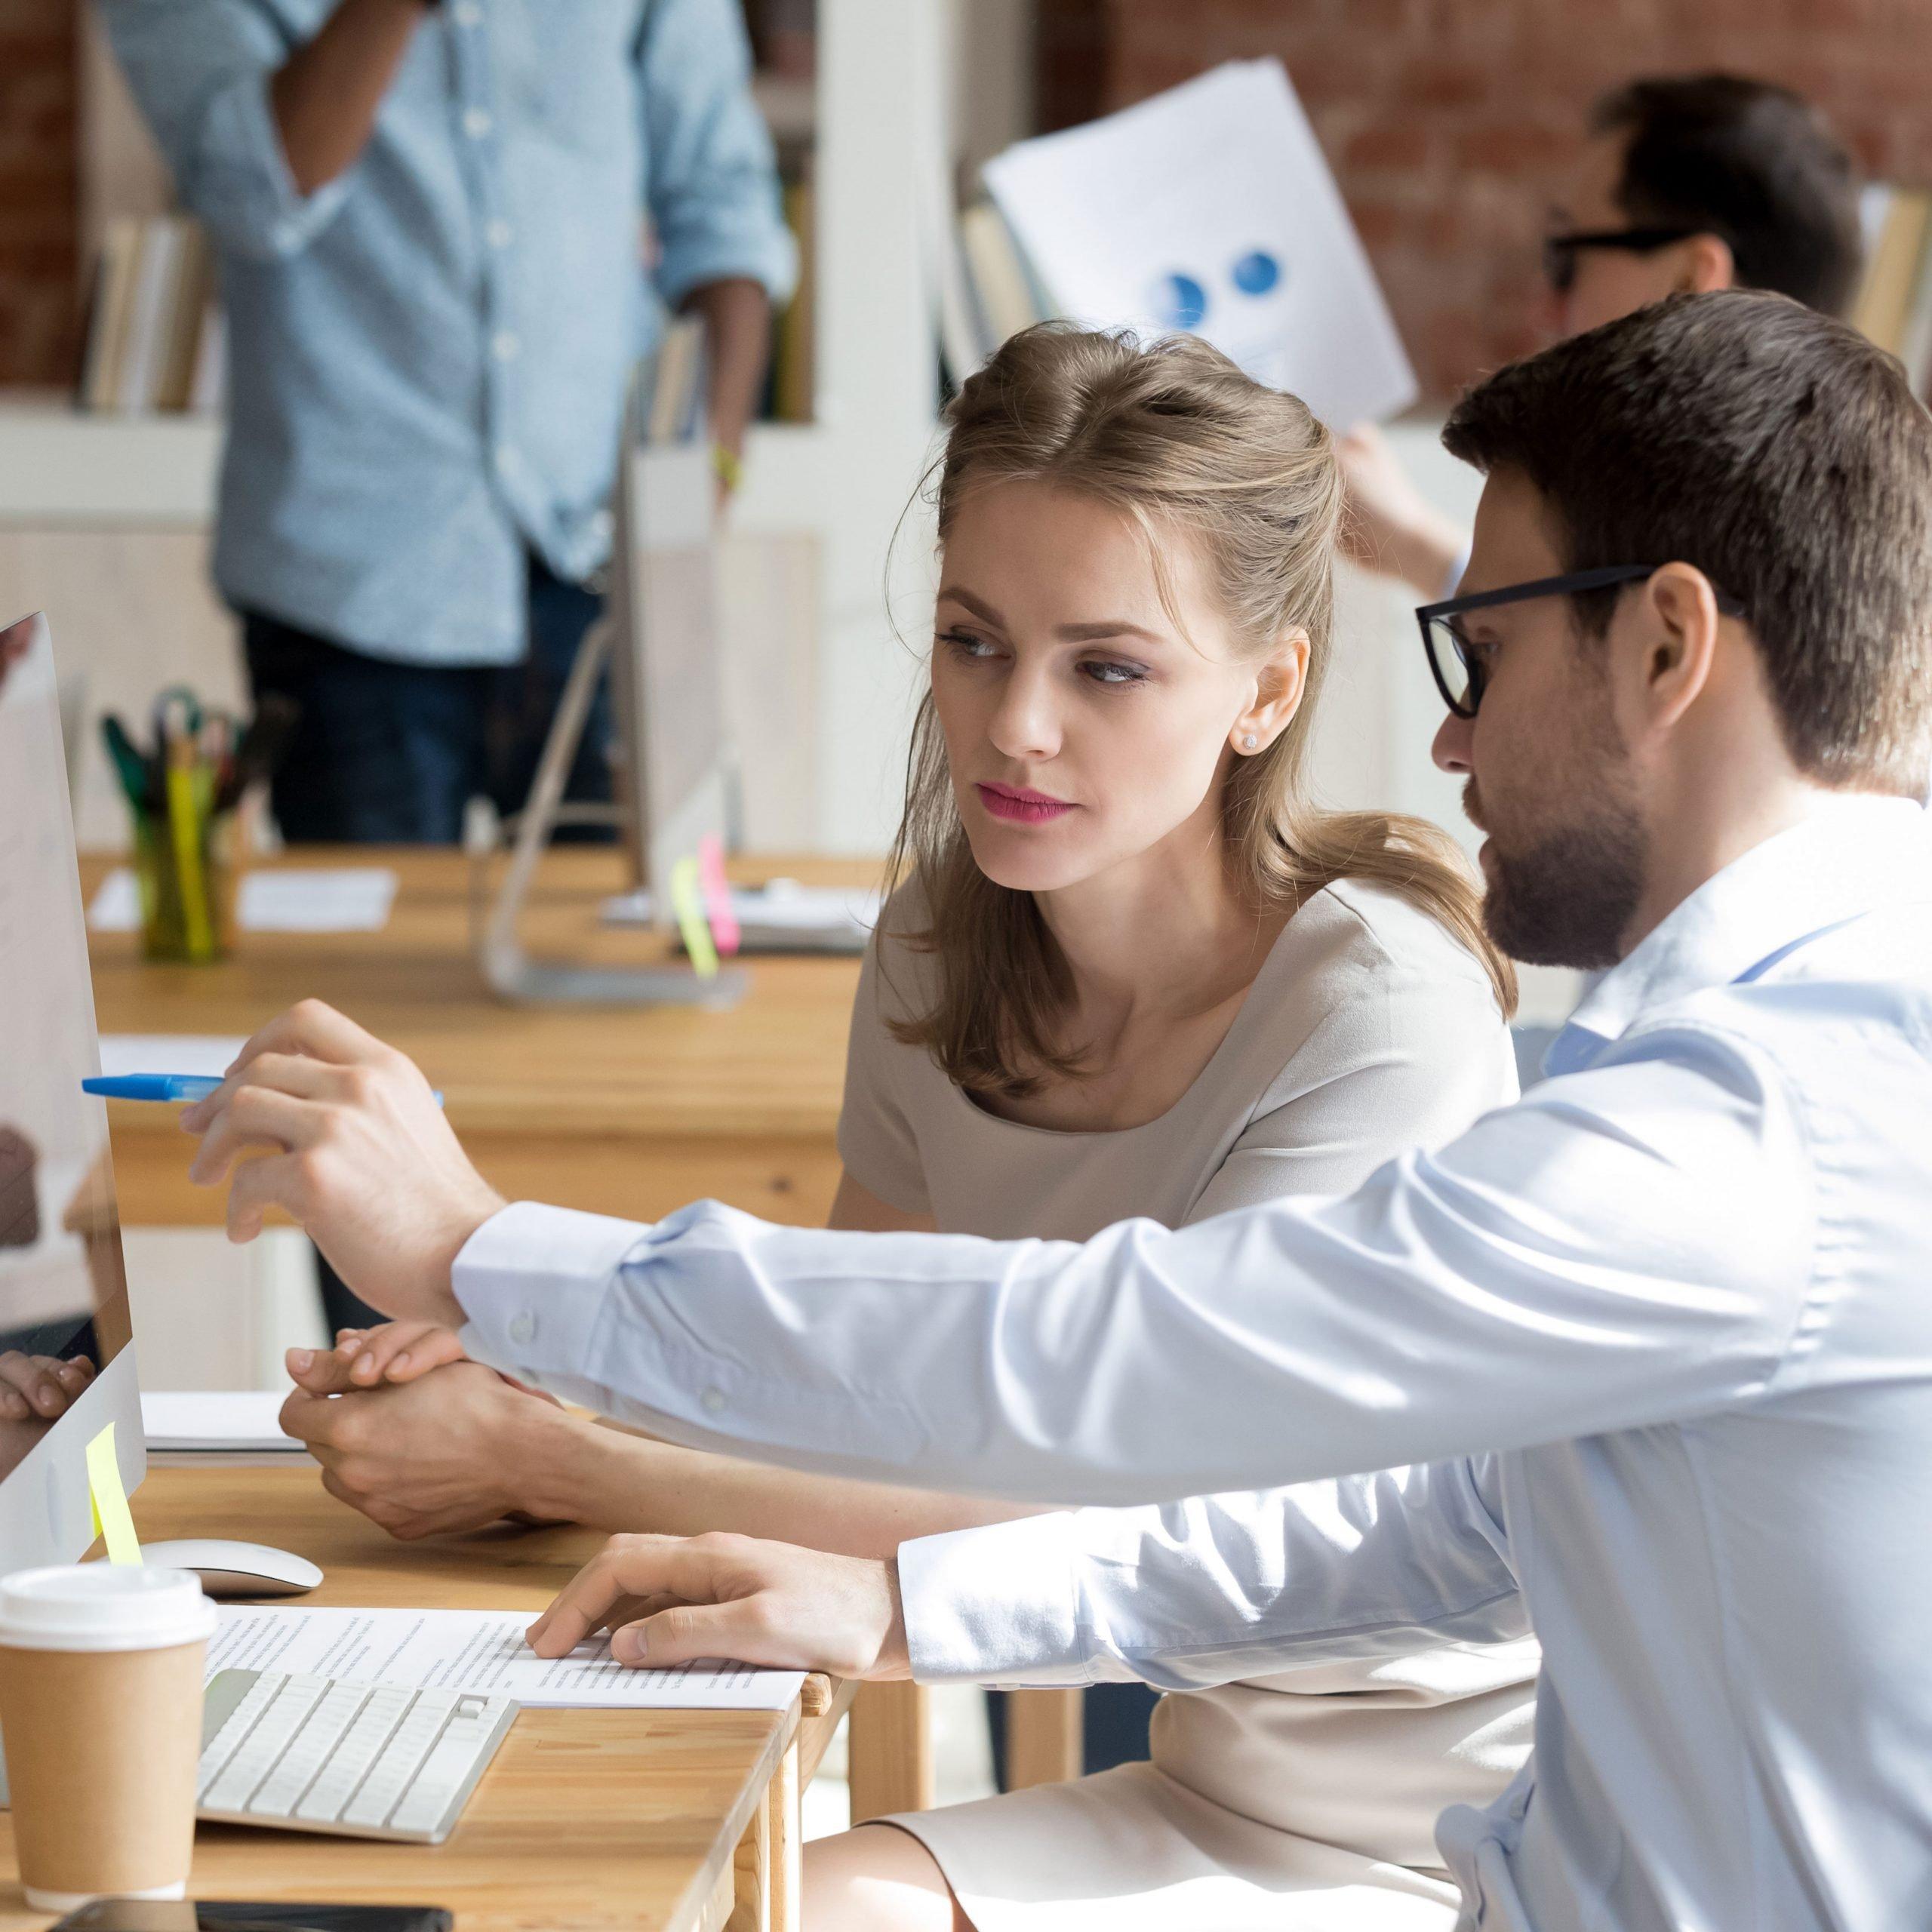 Woman and man sat at a desk looking at a computer screen